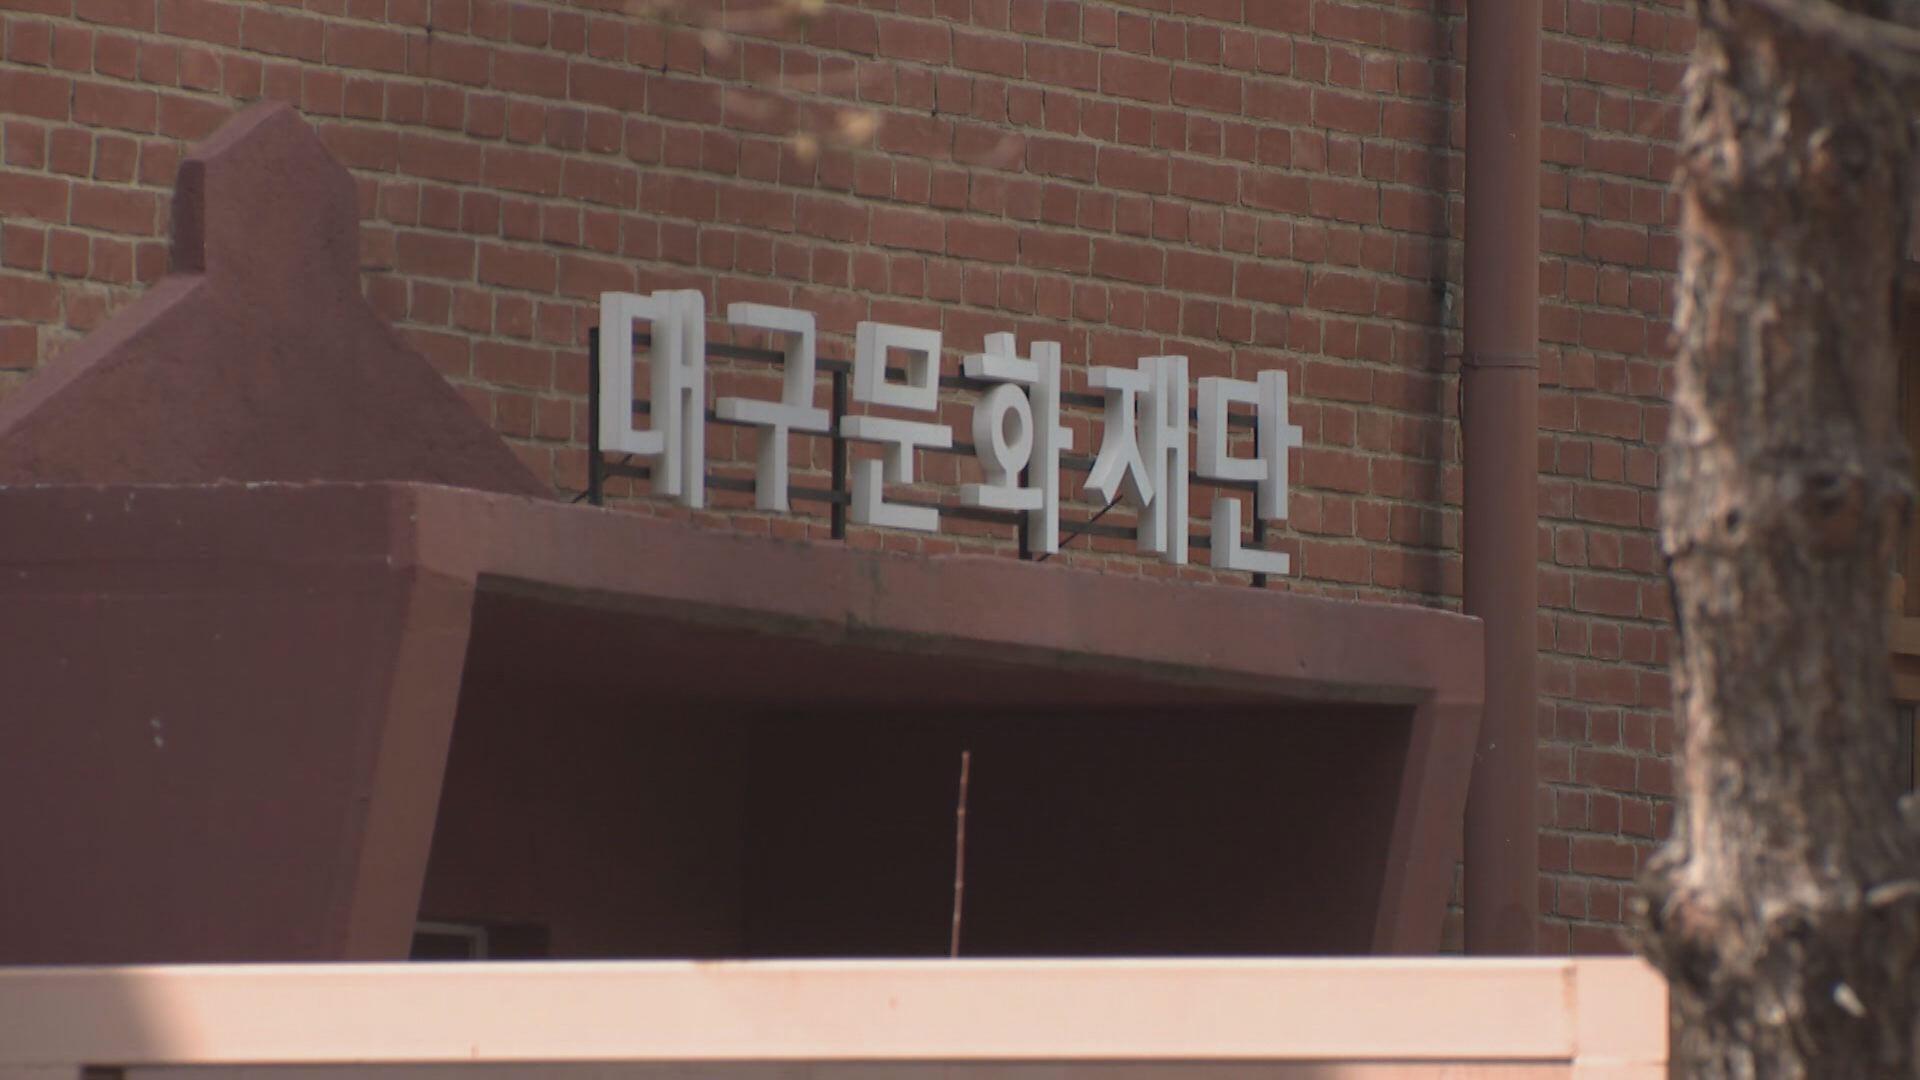 대구문화재단서 지원한 동호회 모임, 알고 보니 신천지 위장단체